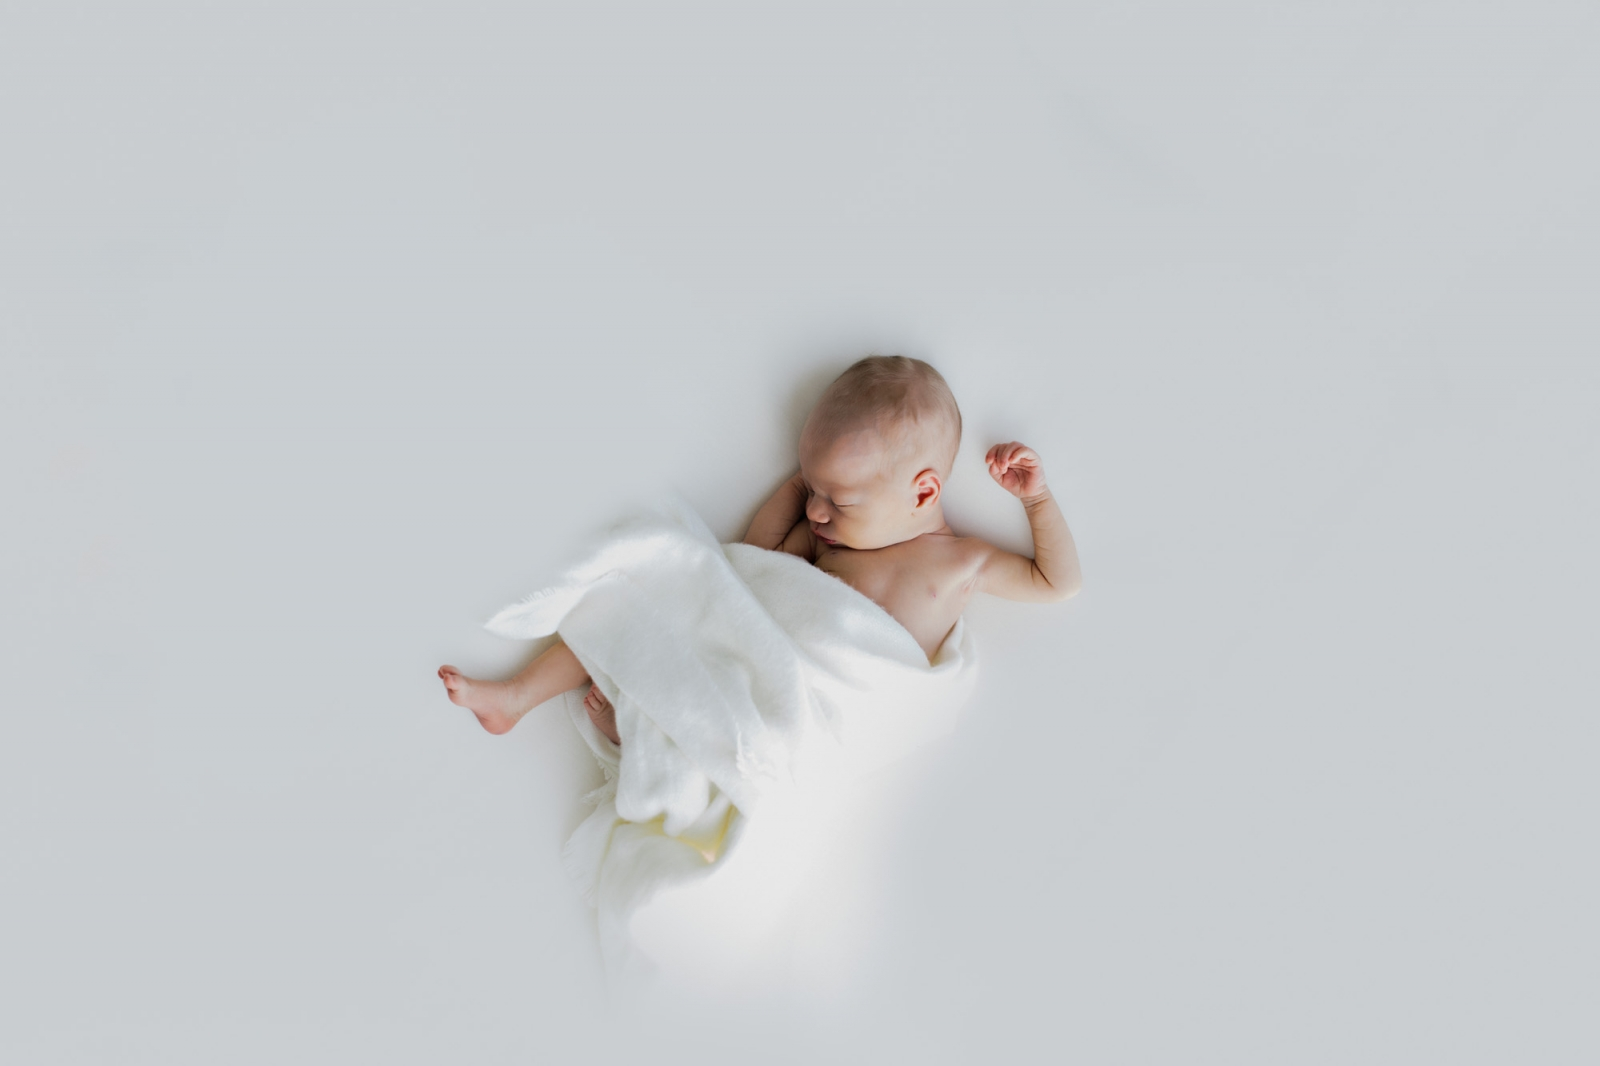 Liebevolle Neugeborenenfotografie in Bamberg von Catherine Schmitt // Neugeborenes in Weiß // www.catherineschmitt.de